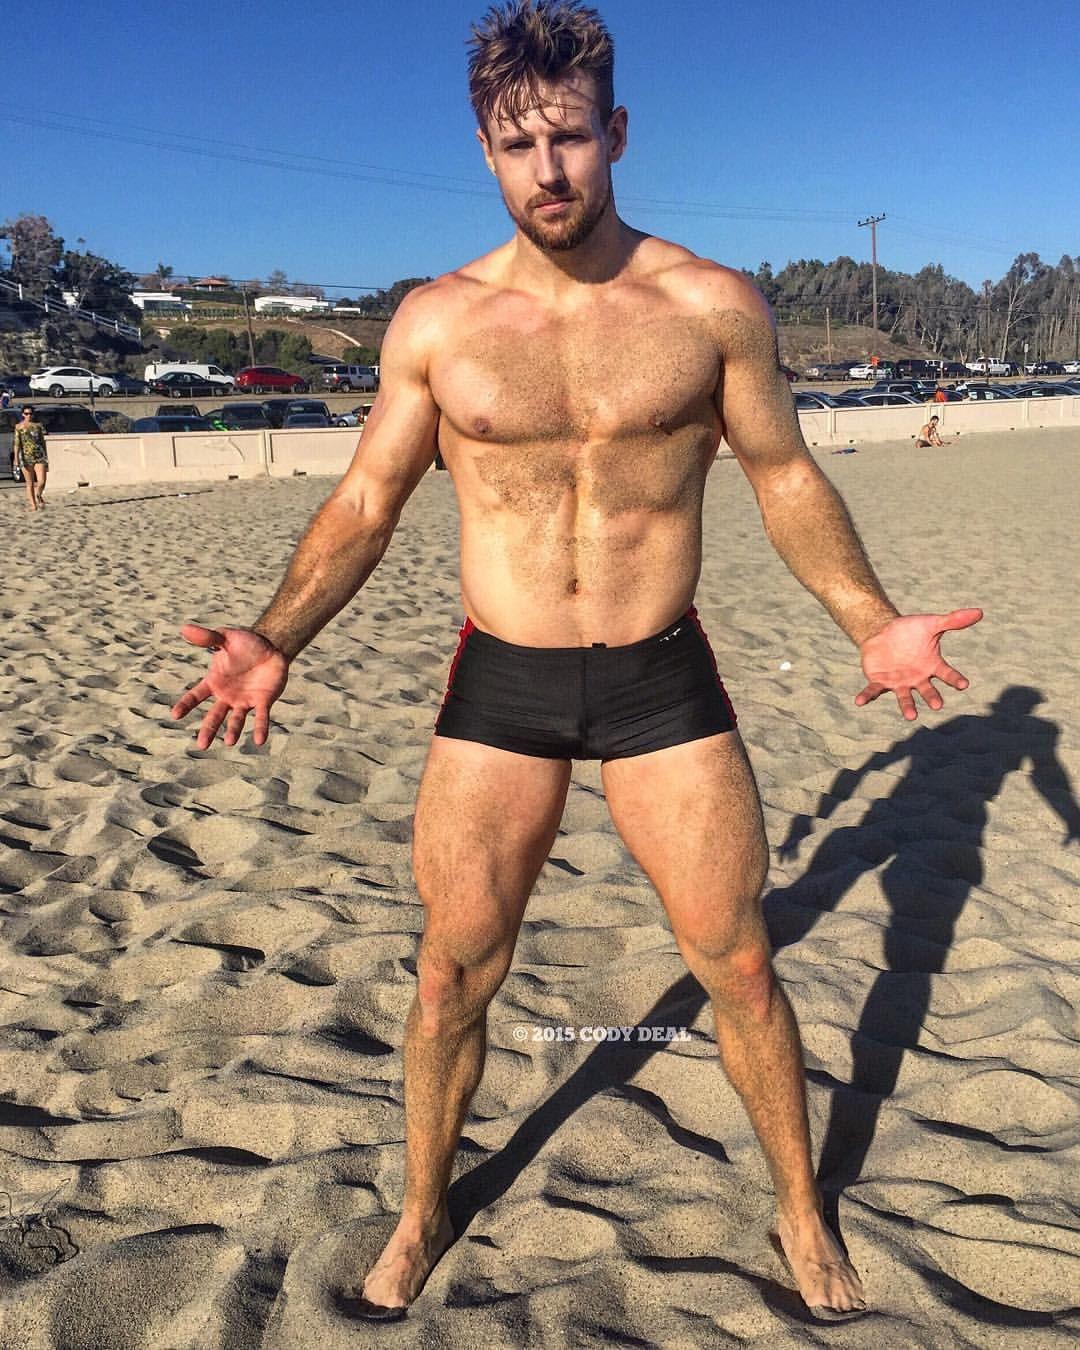 Cody Springs Naked Stunning cody deal - sept. 2015 | cody deal | pinterest | underwear men